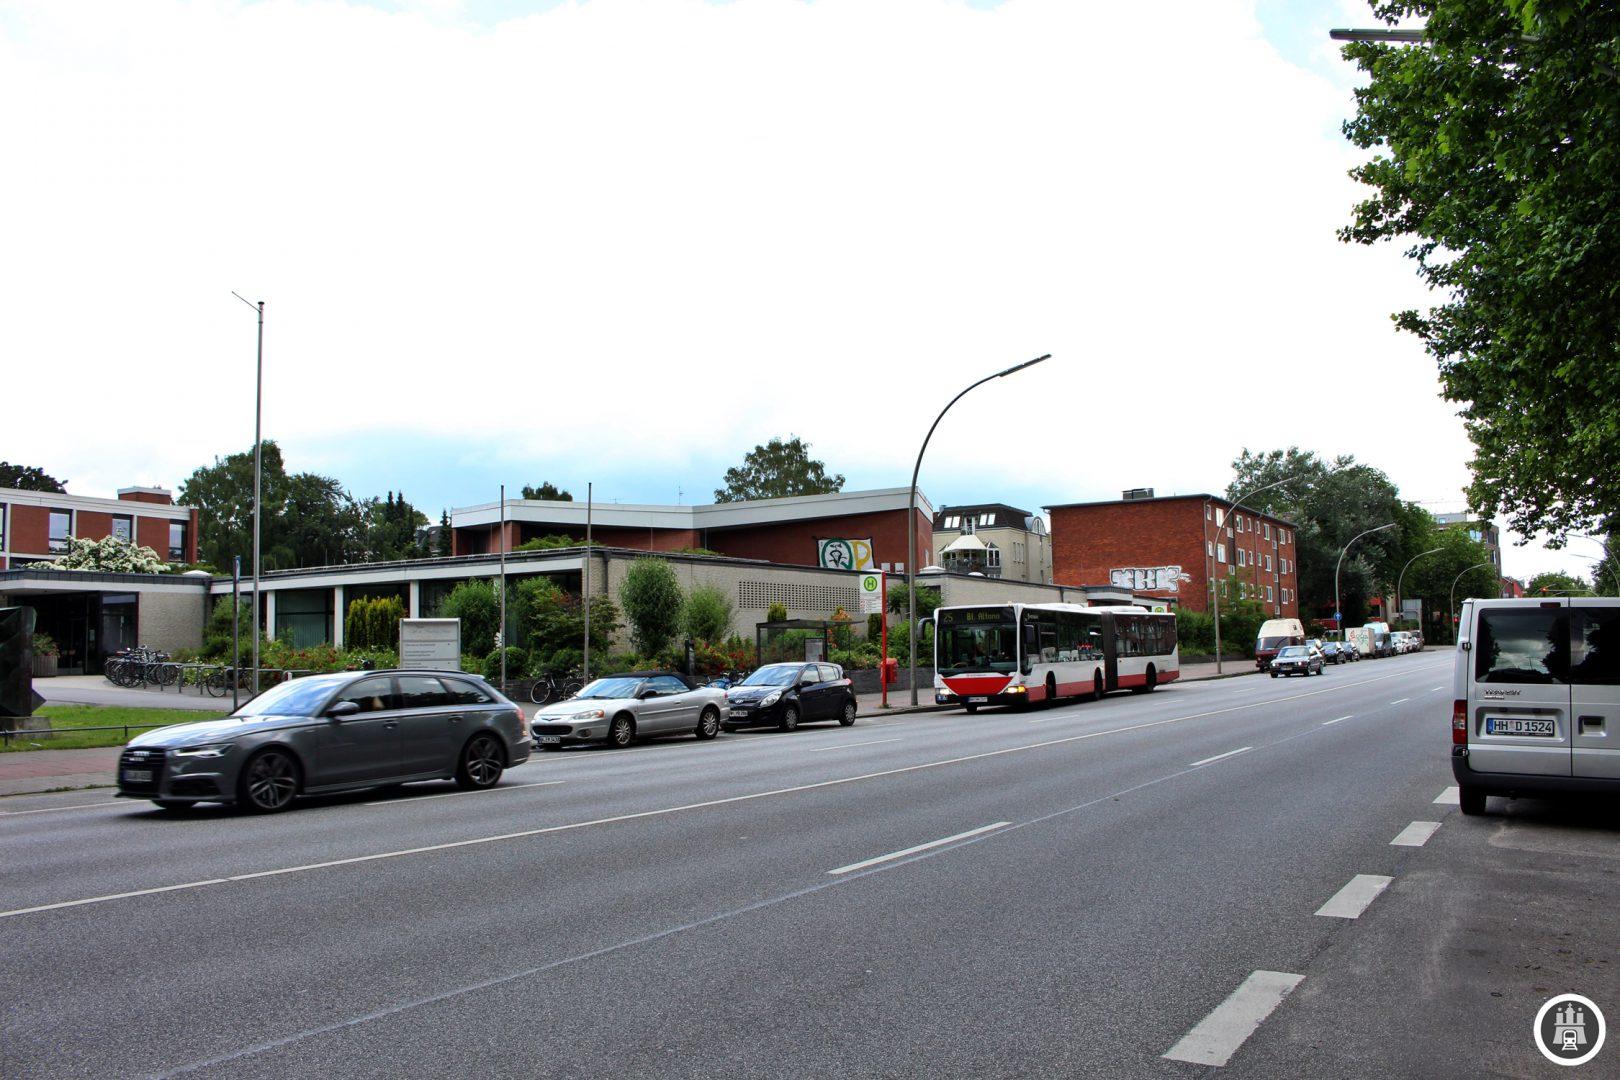 Das 1965 eröffnete Hamburg-Haus ist Kultur- und Gemeinschaftszentrum von Eimsbüttel. Es beherbergt eine Bücherhalle, ein Café, eine Elternschule, ein Seniorentreff, ein Mädchenzentrum und mehrere Veranstaltungsräume. Im Hamburg-Haus befinden sich zudem mehrere Kunstwerke aus den 1960er Jahren. Das Hamburg-Haus in Eimsbüttel war Pilotprojekt für neue Kulturzentren in Hamburger Stadtteilen unter Bürgermeister Max Brauer.